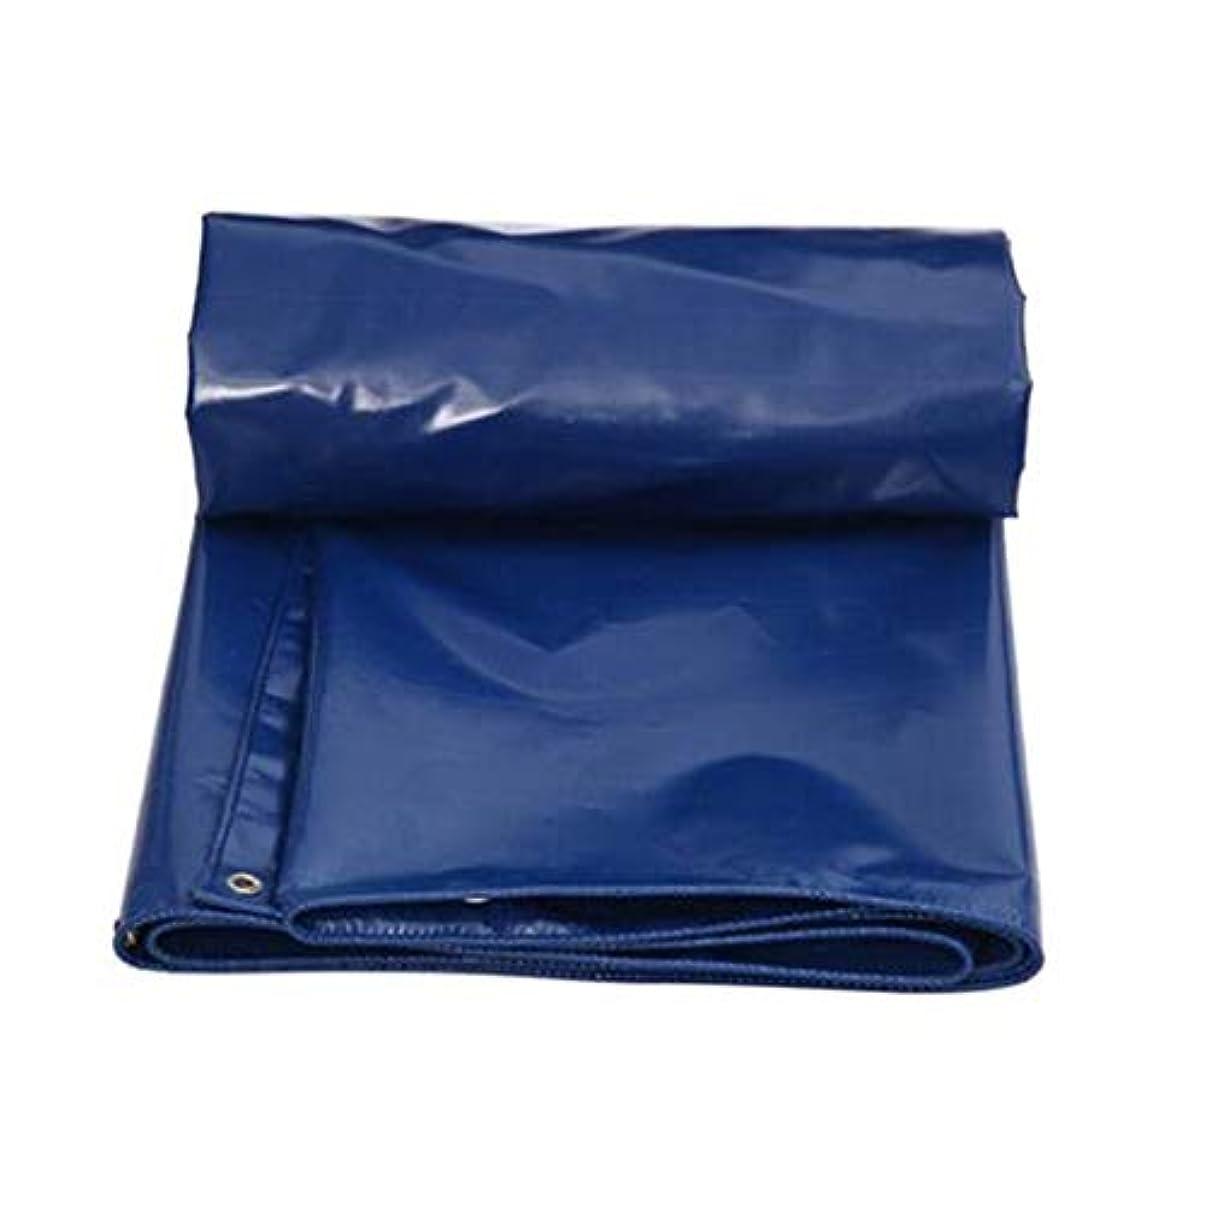 空香ばしいペルソナLTM 屋外シェード防水ターポリンヘビーデューティ防水シート屋根カバーガーデンレインカバー防水シート - UV保護、厚さ0.5 mm、マルチサイズ (サイズ さいず : 3MX2M)